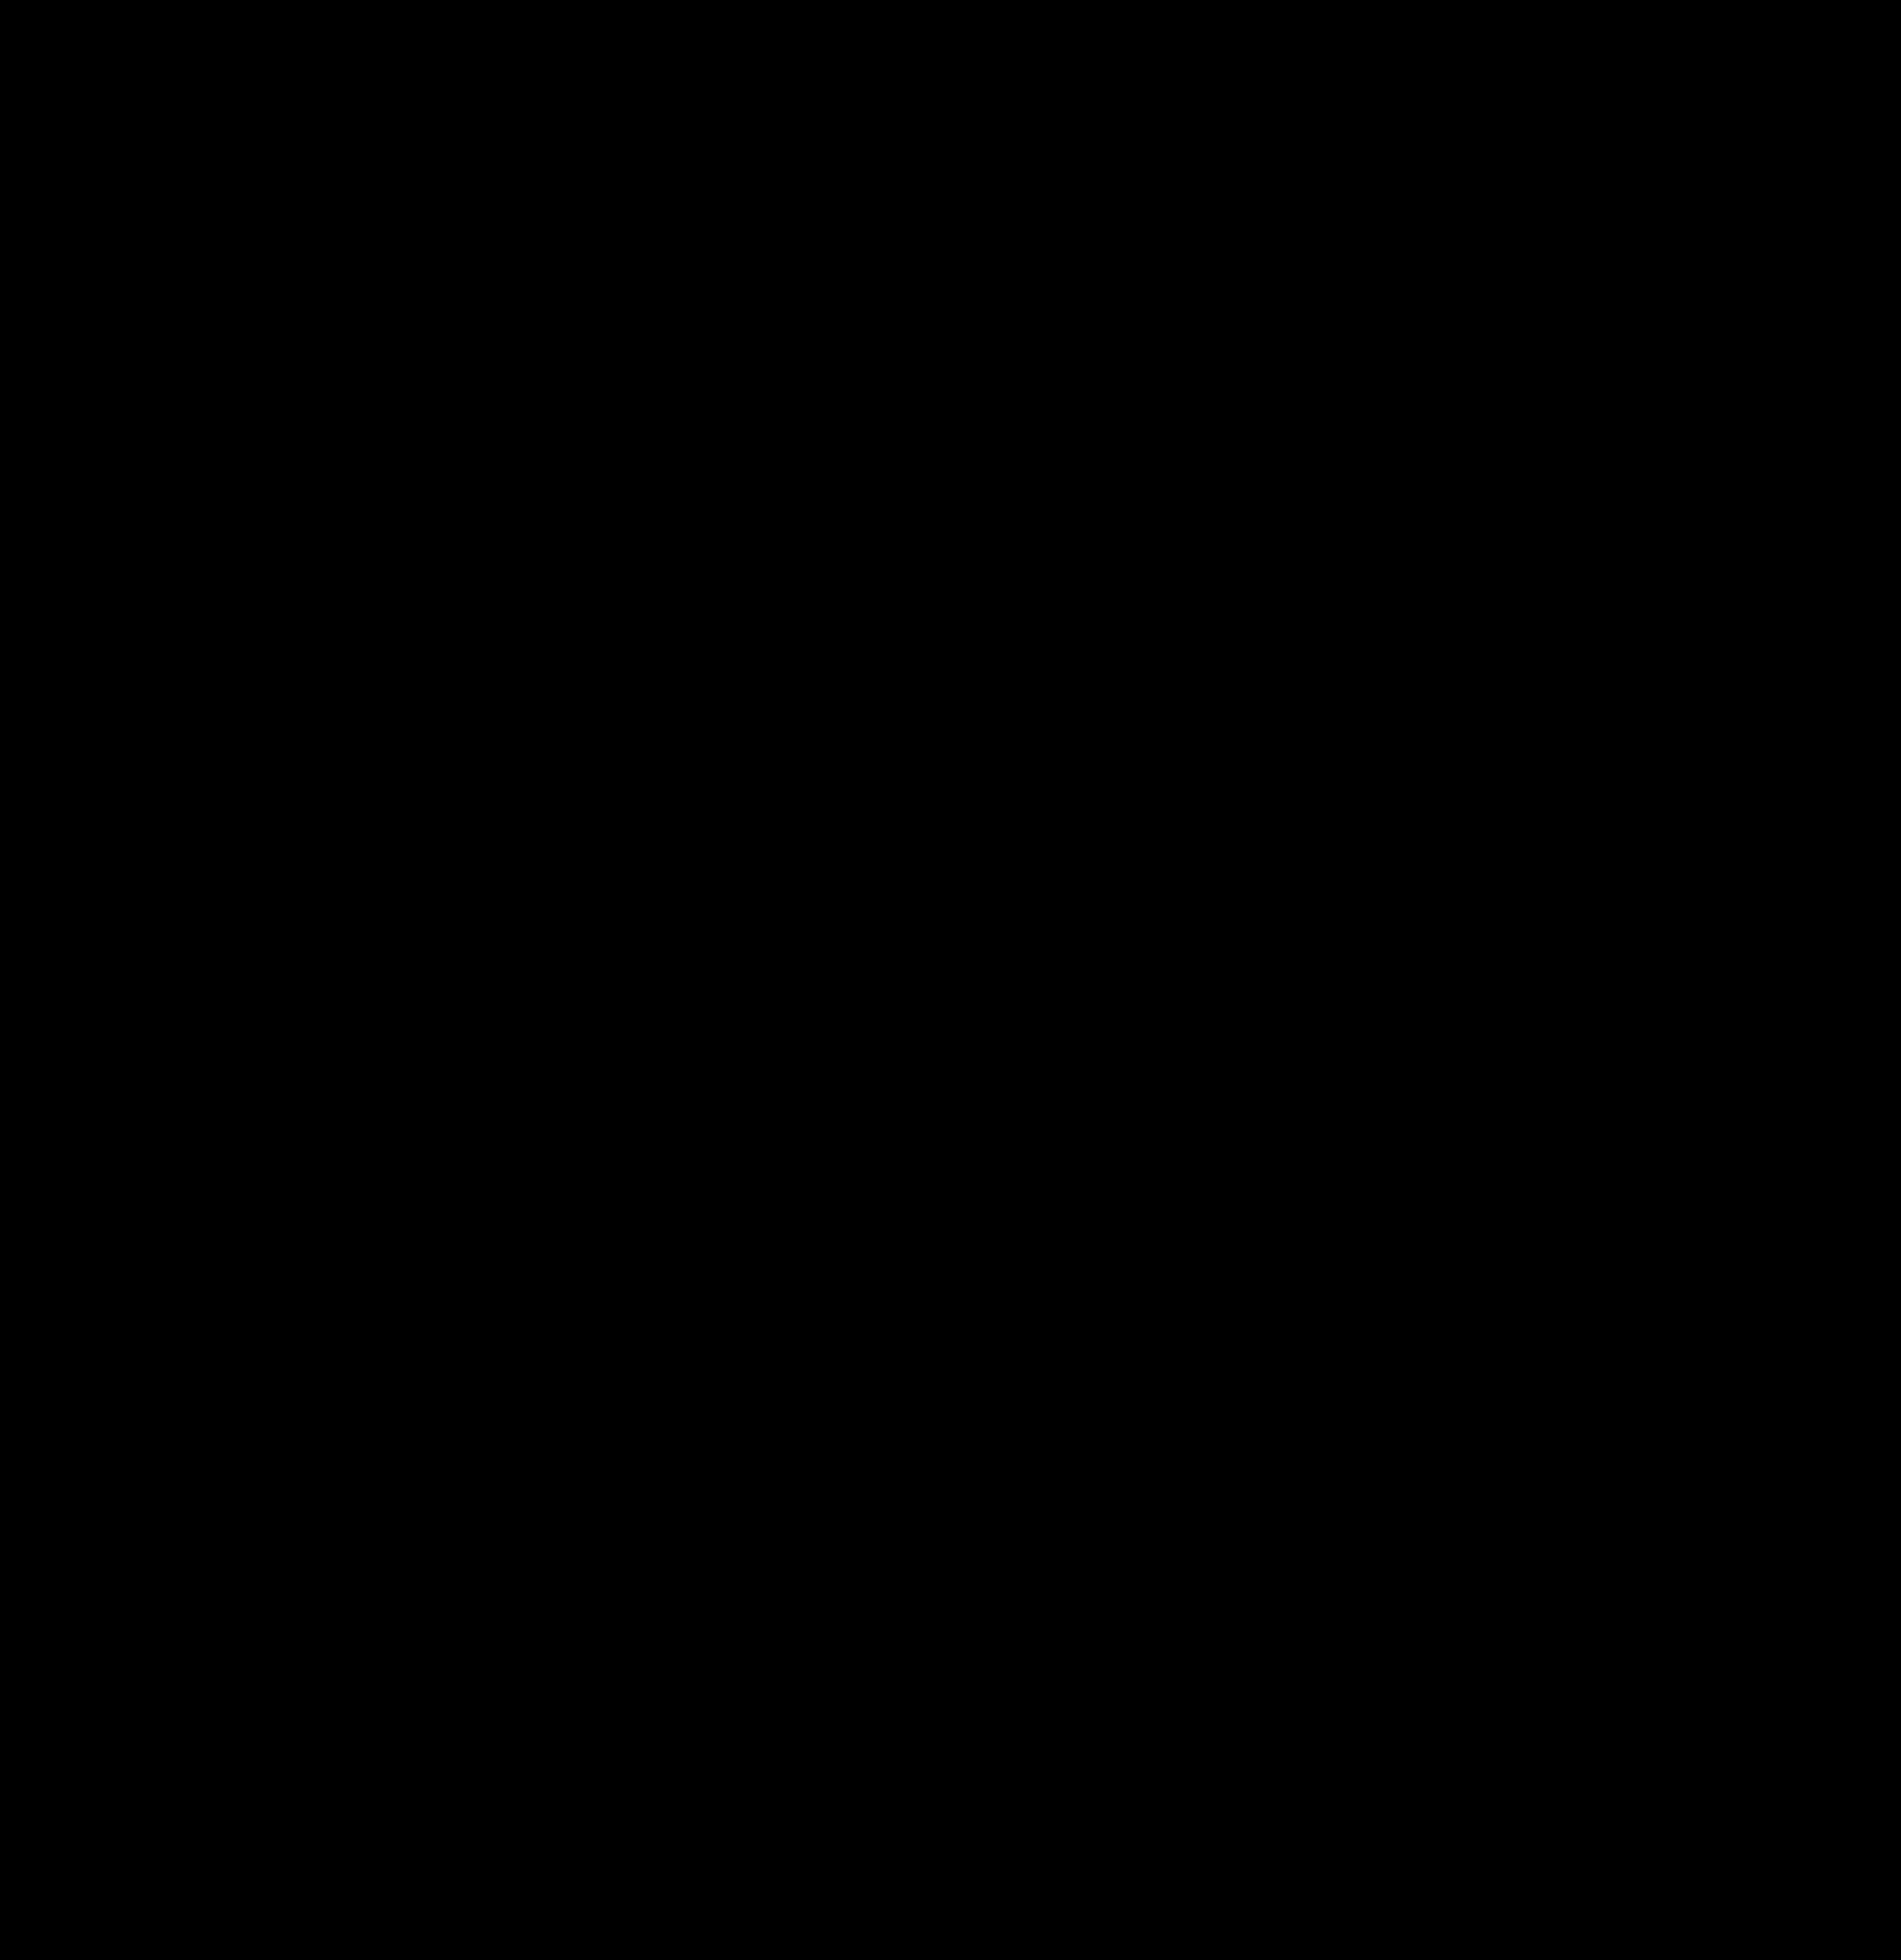 Datenvisualisierung Illegale Grenzüberquerungen